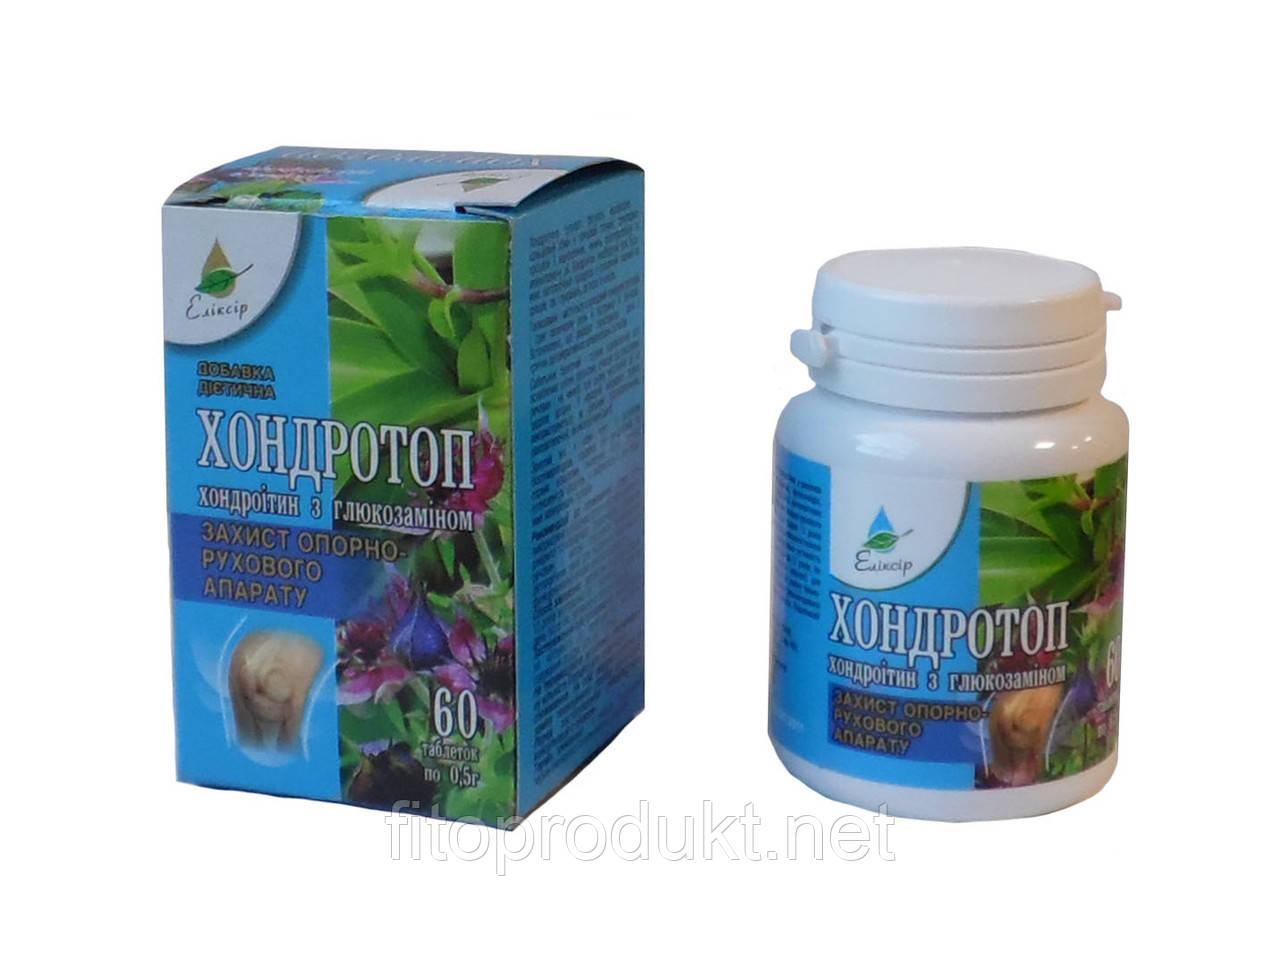 БАД Хондротоп  хондроитин с глюкозамином №60 Эликсир